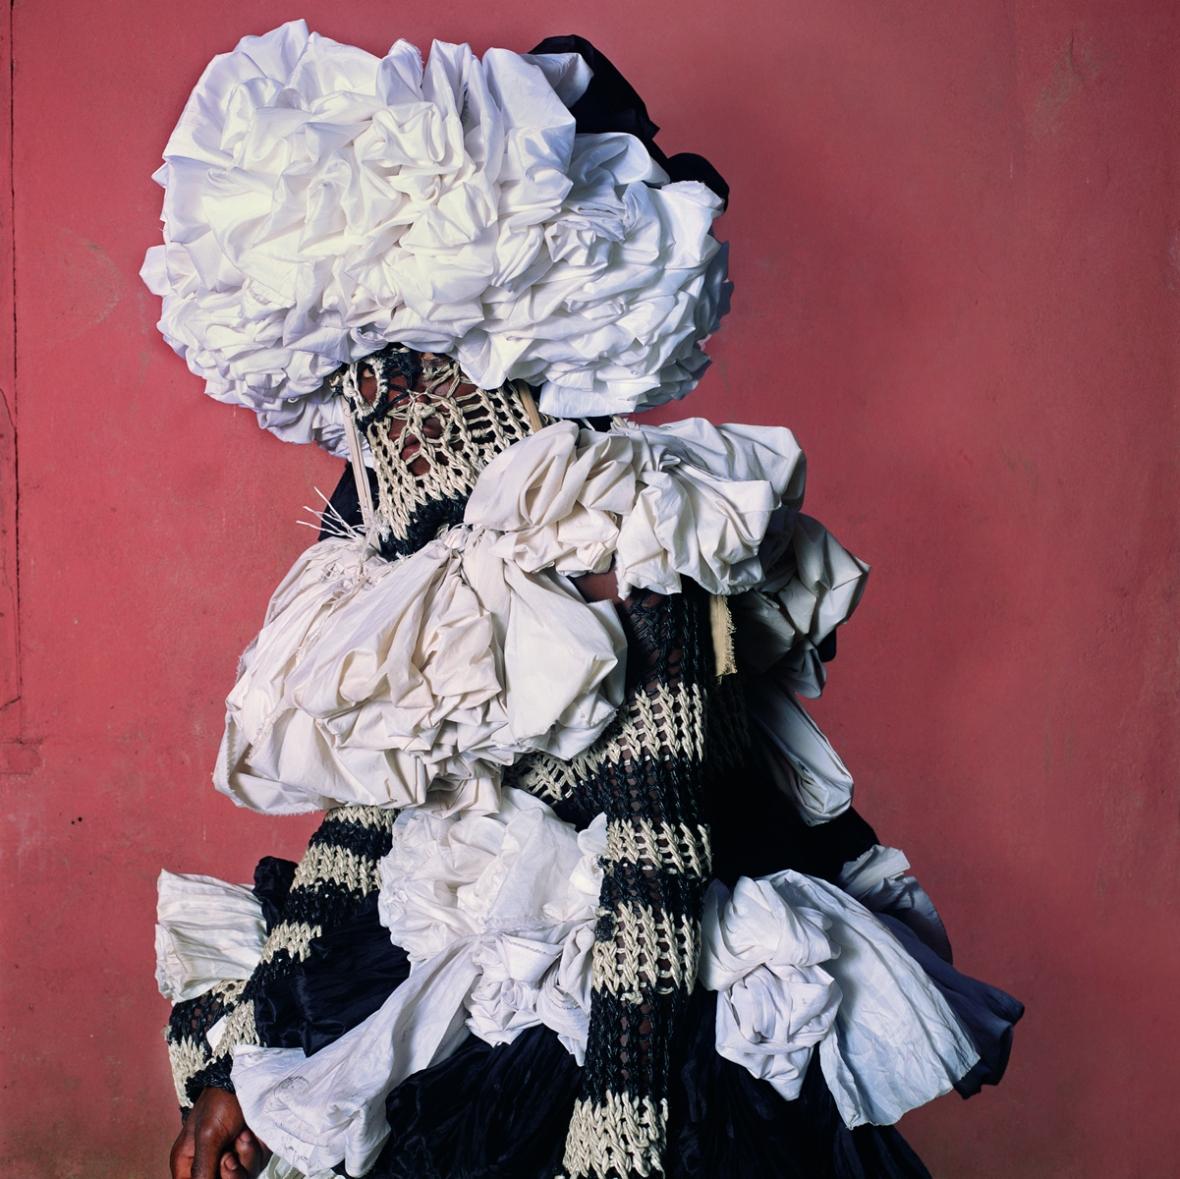 Phyllis-Galembo-photography-Maske-8